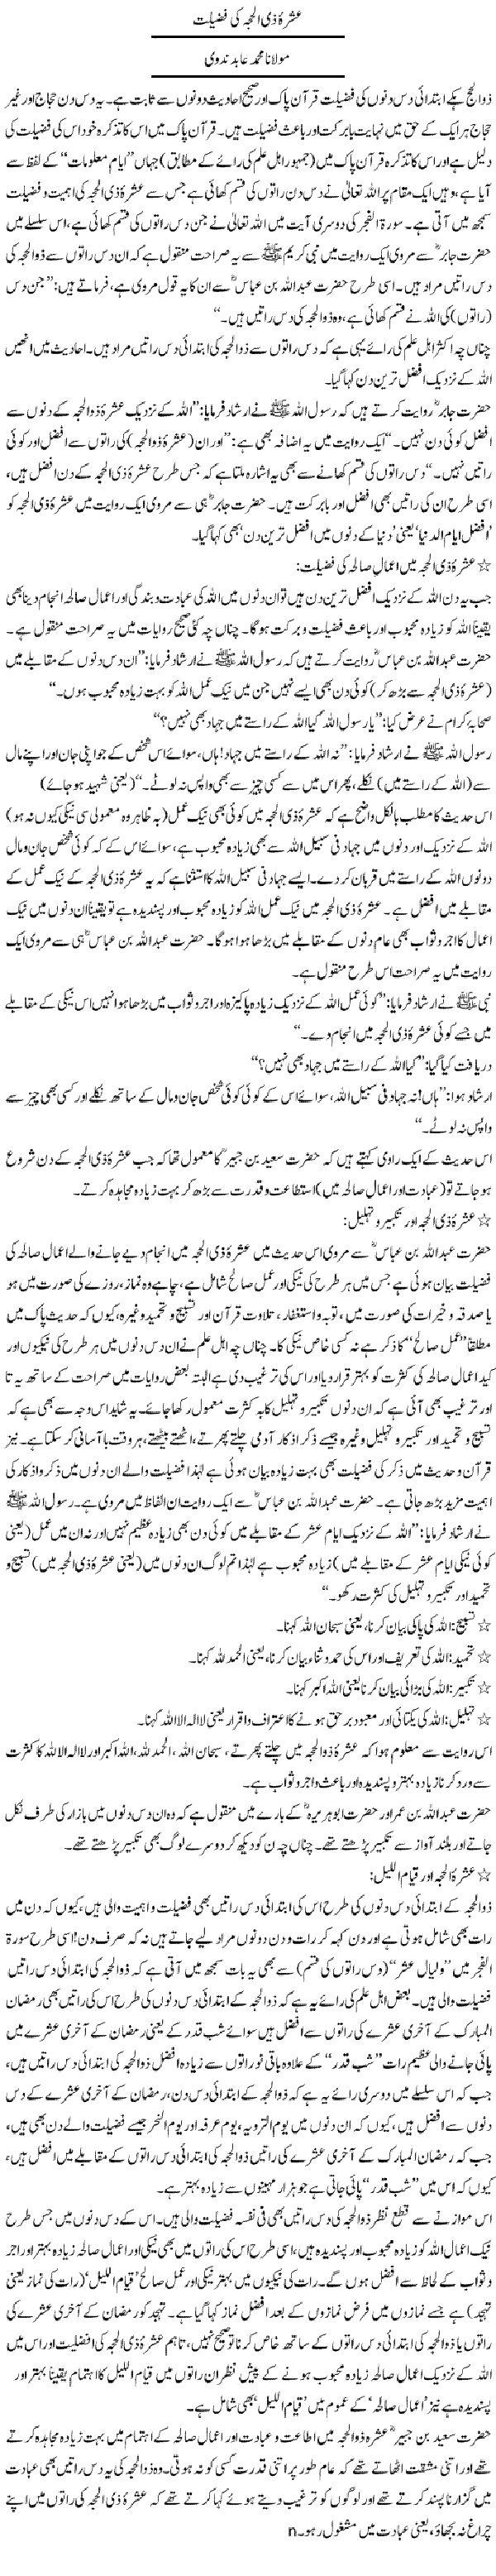 Last Sermon (Khutba e Hujja Tul Vida) of Our Beloved Prophet (SAWS)